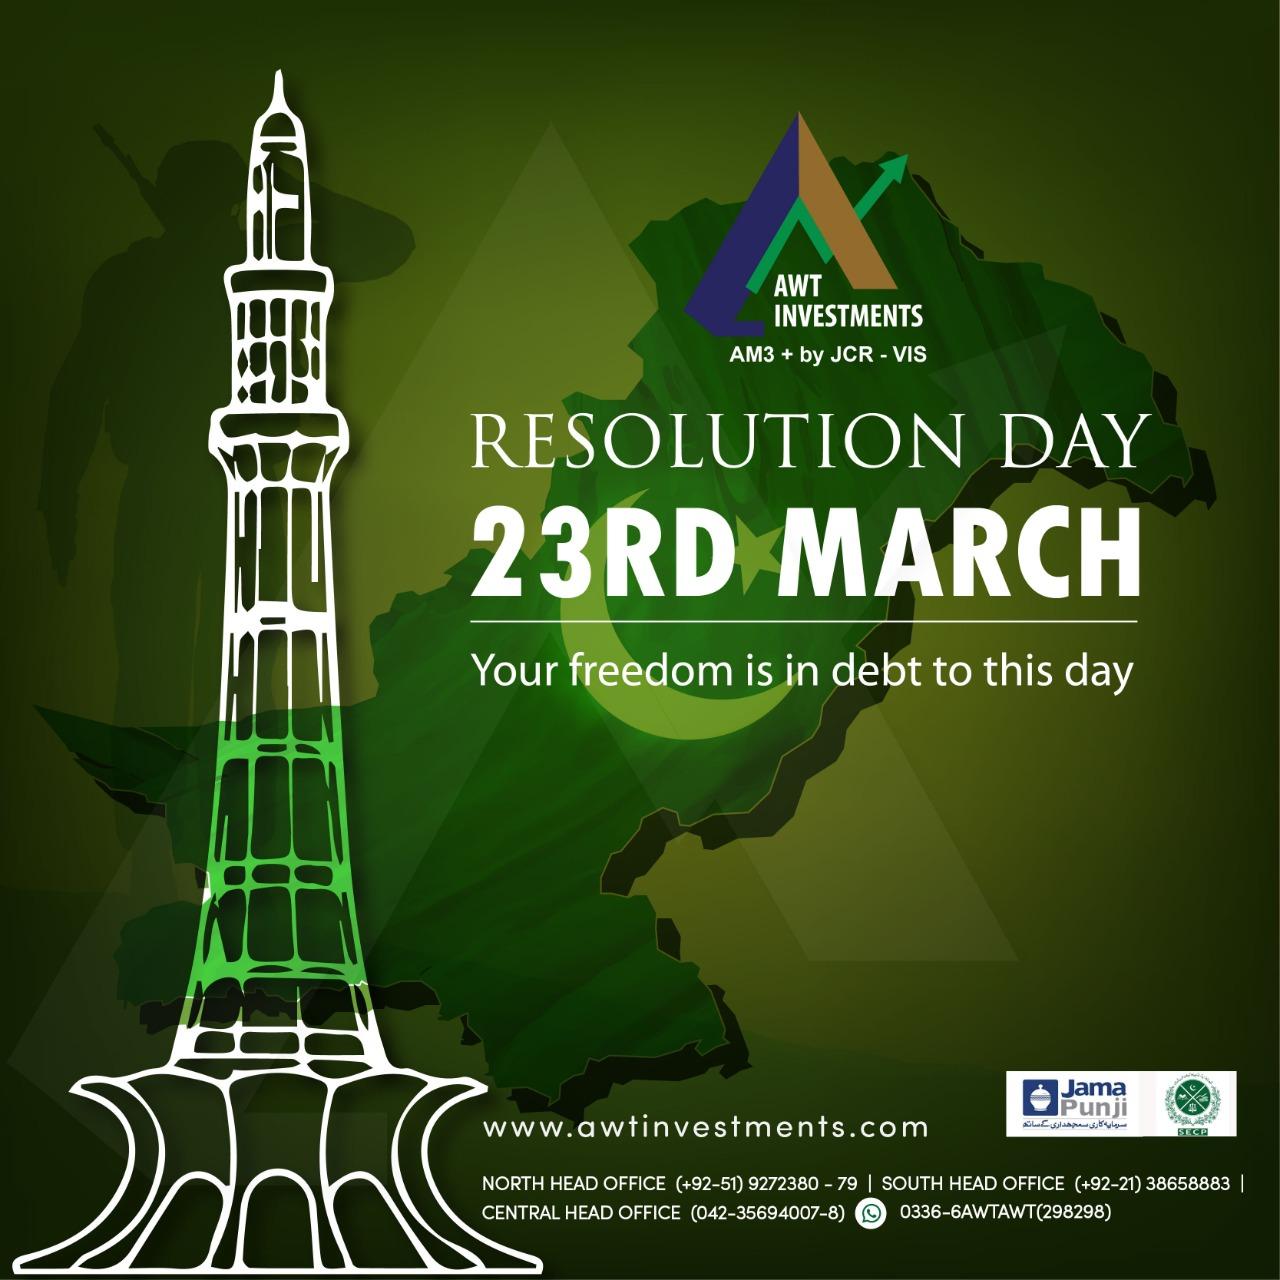 RESOLUTION DAY